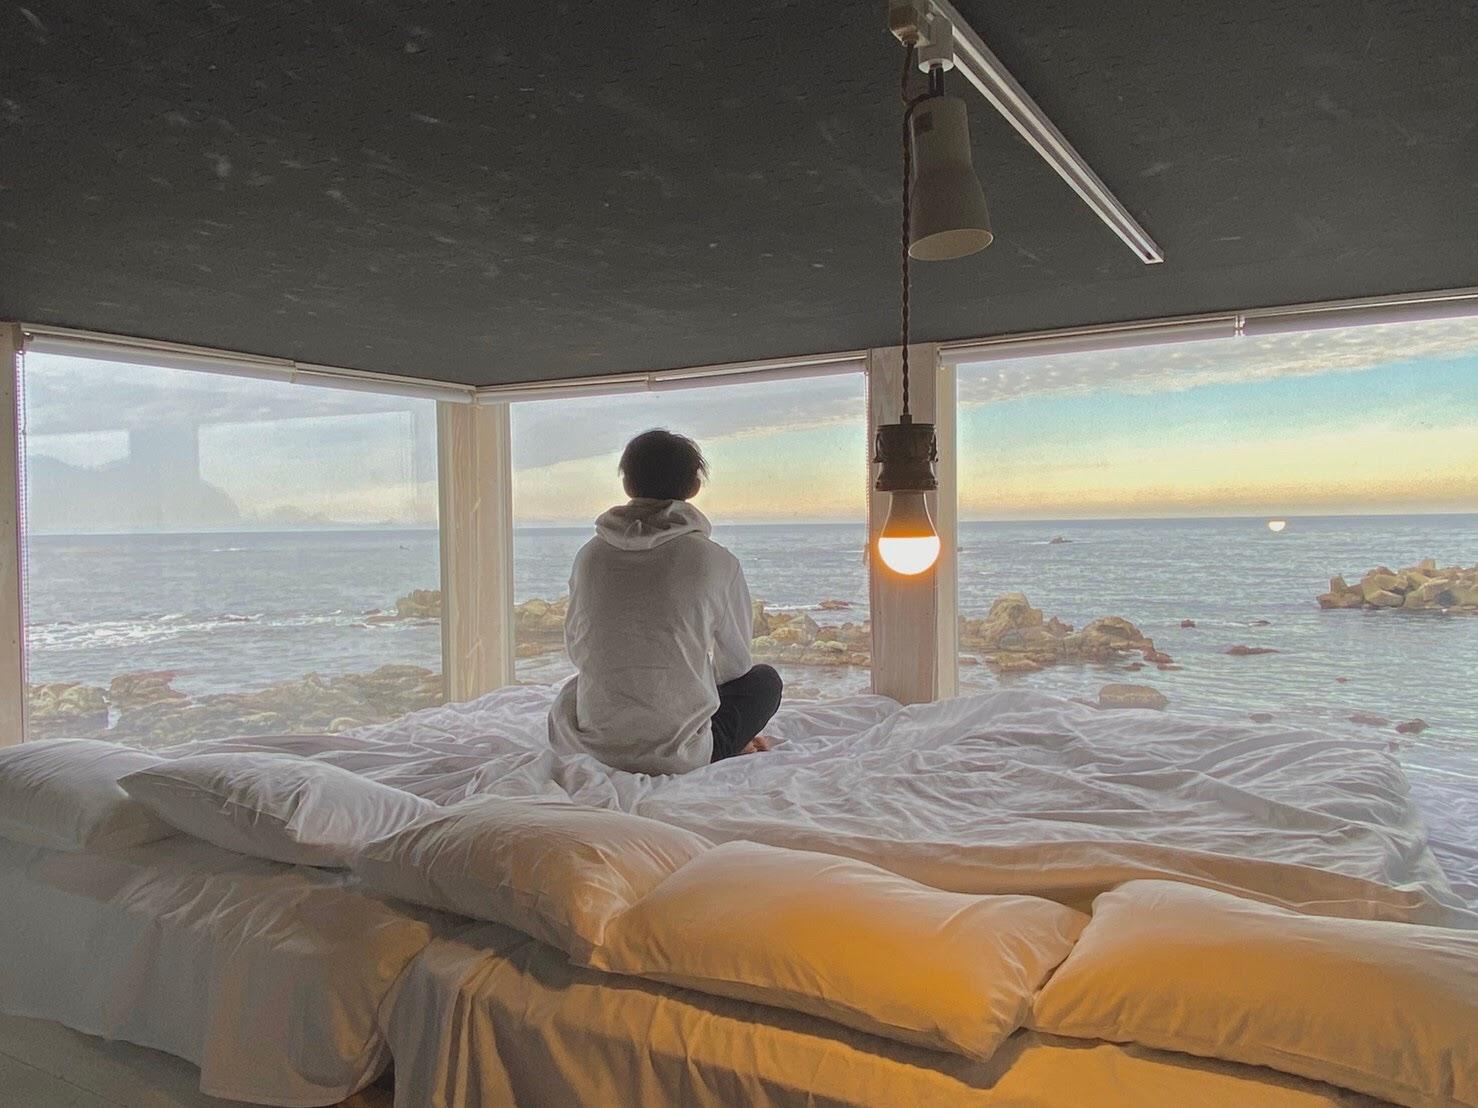 アーバンリゾート ラグジュアリー 寝室